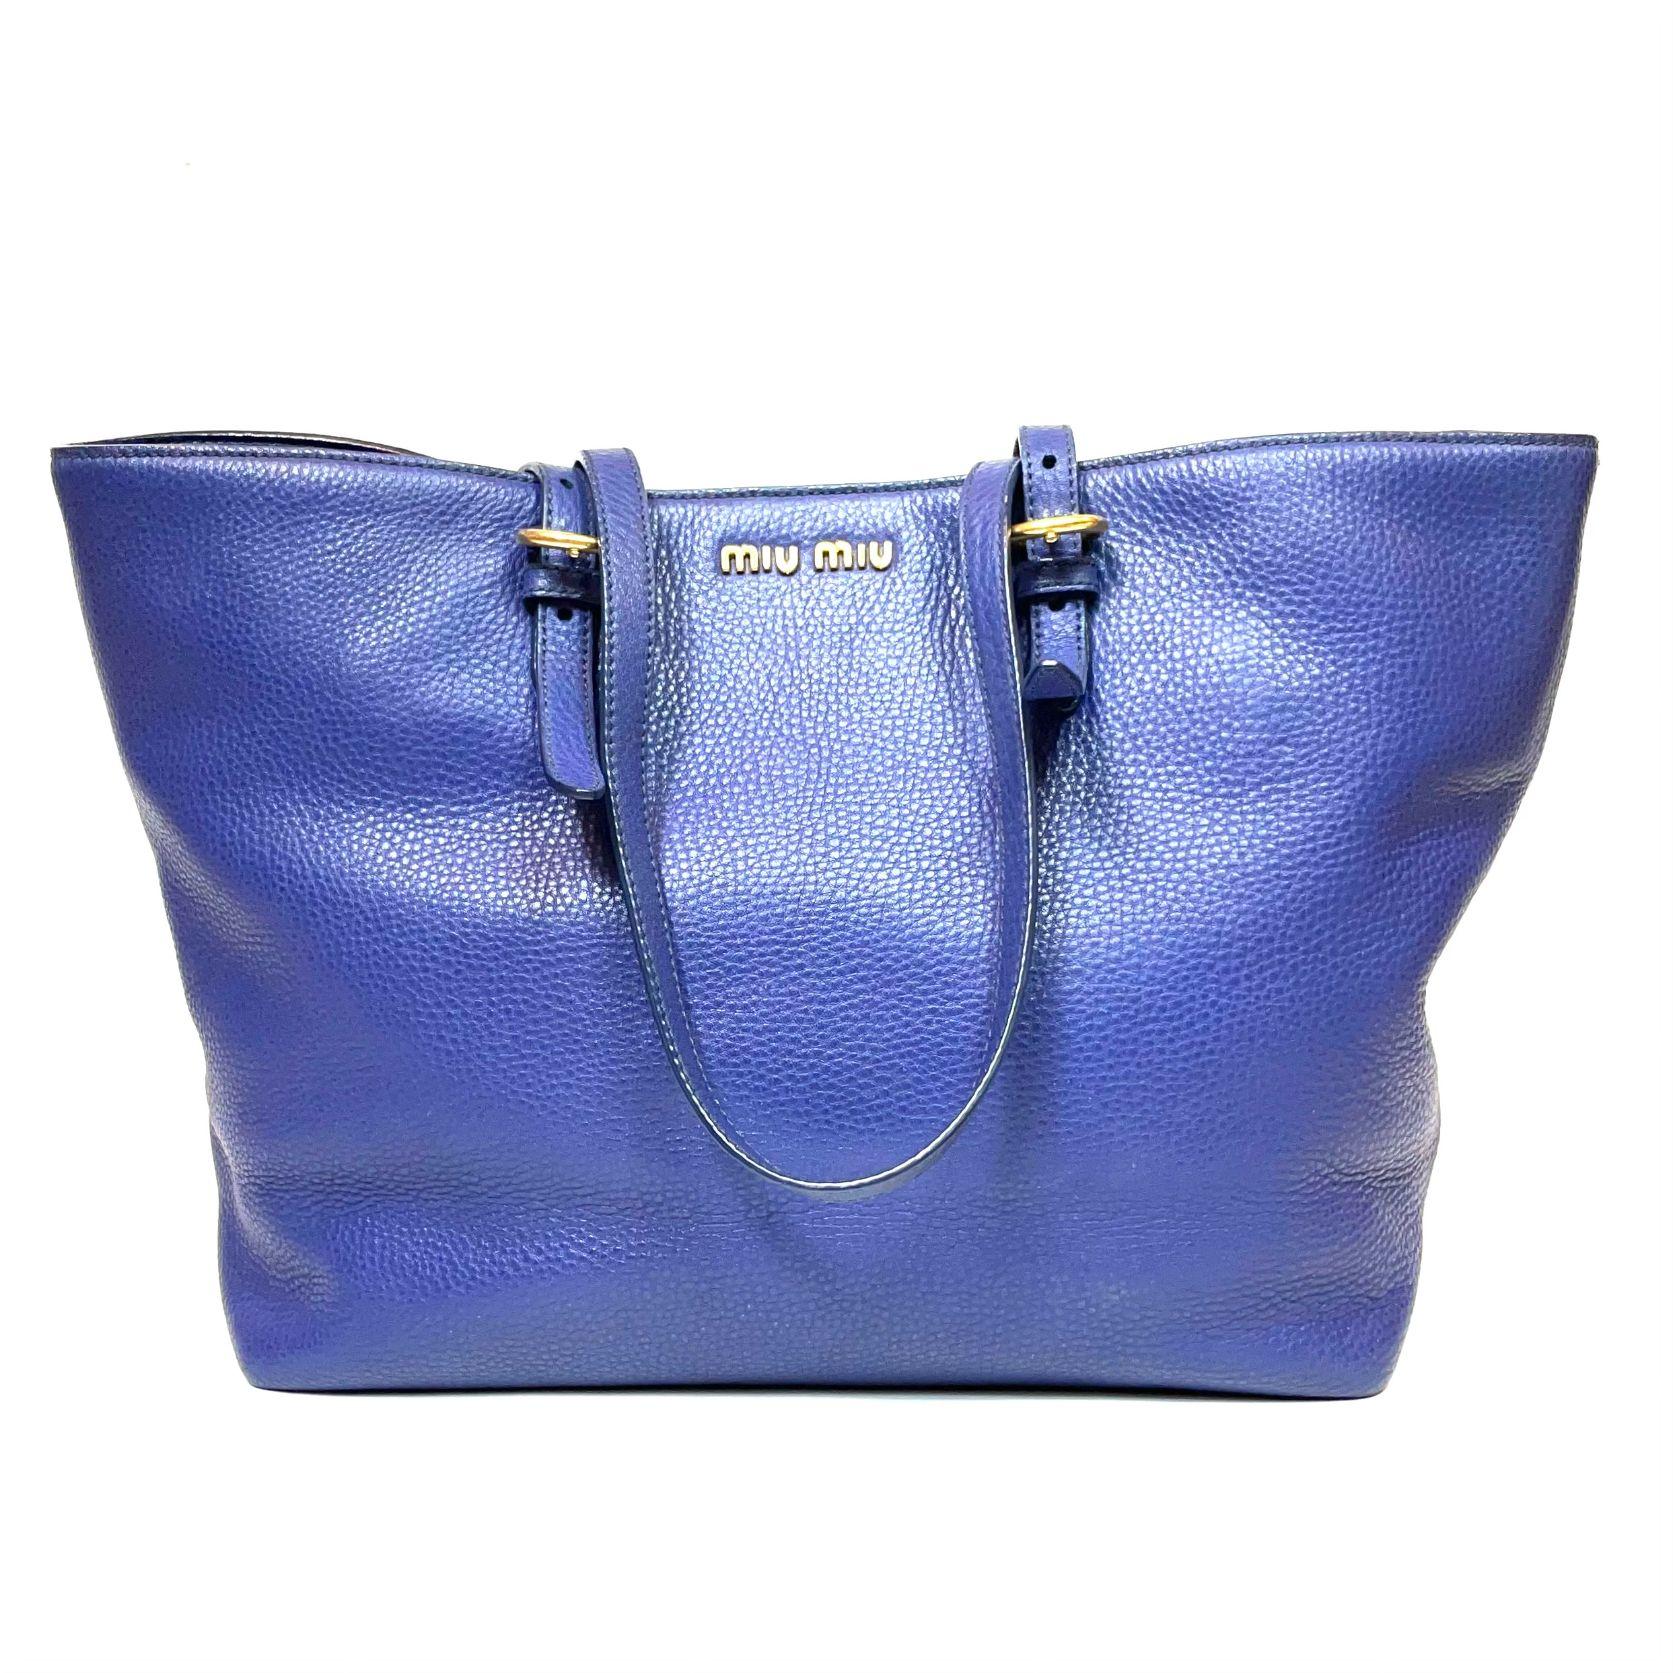 Bolsa Miu Miu Tote Azul